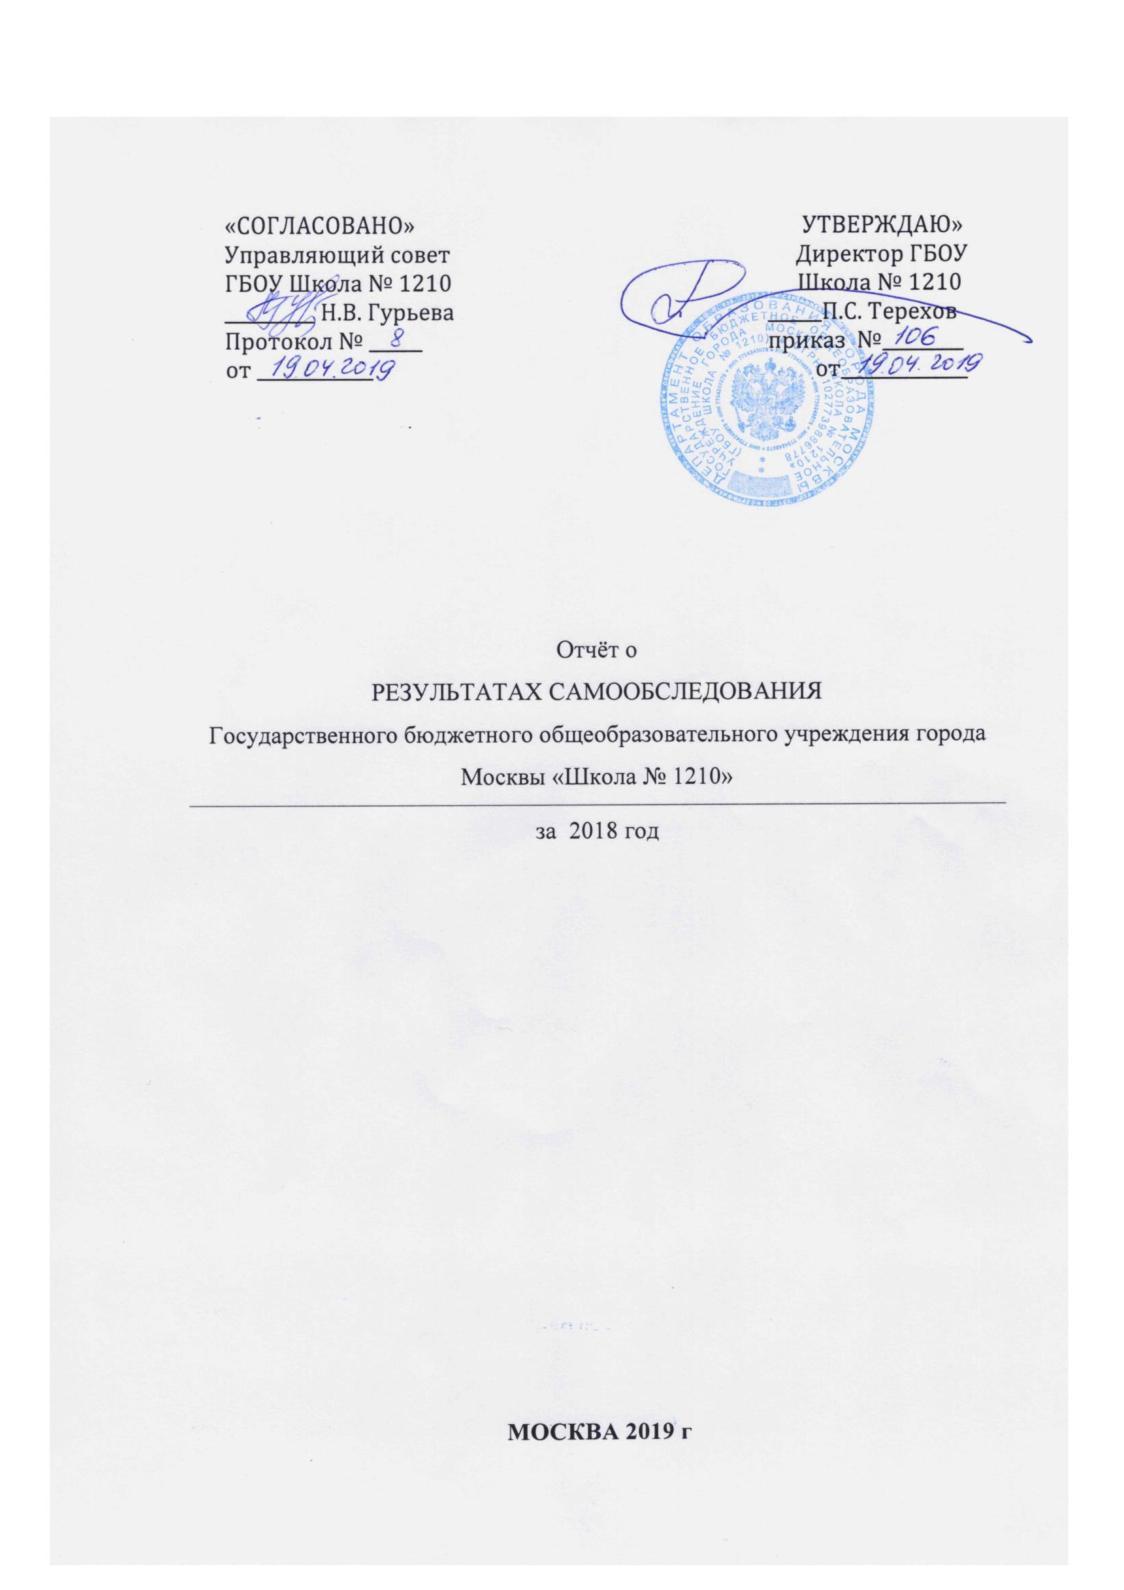 Поведенческие факторы на сайт 2-я линия Хорошёвского Серебряного Бора как сделать свой сайт виден в интернете